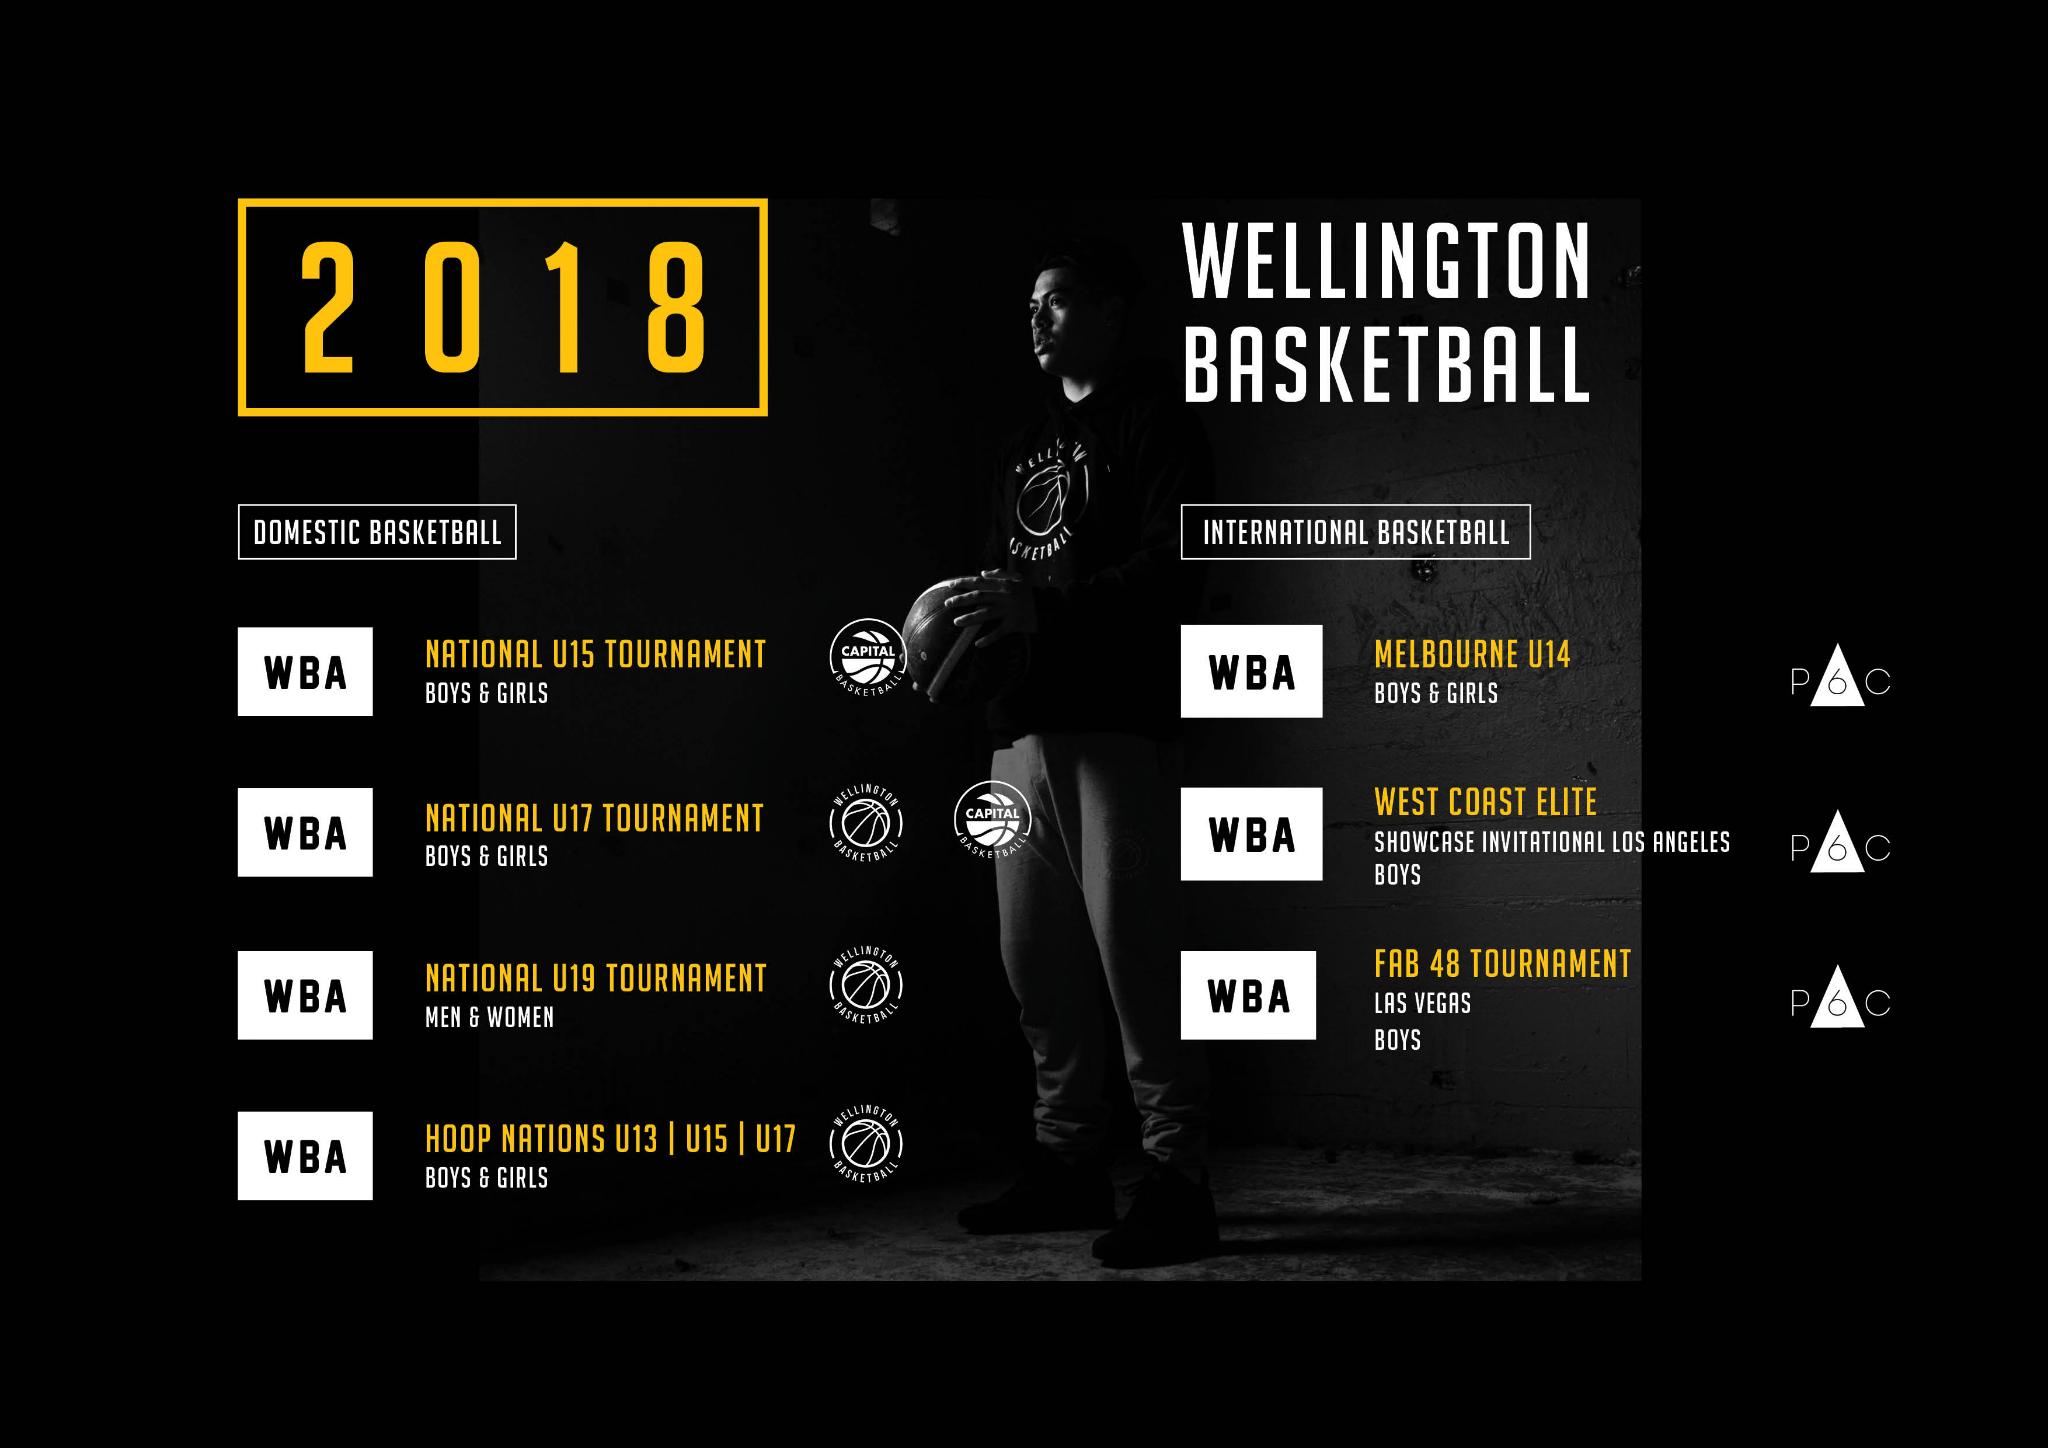 Wellington Basketball 2018